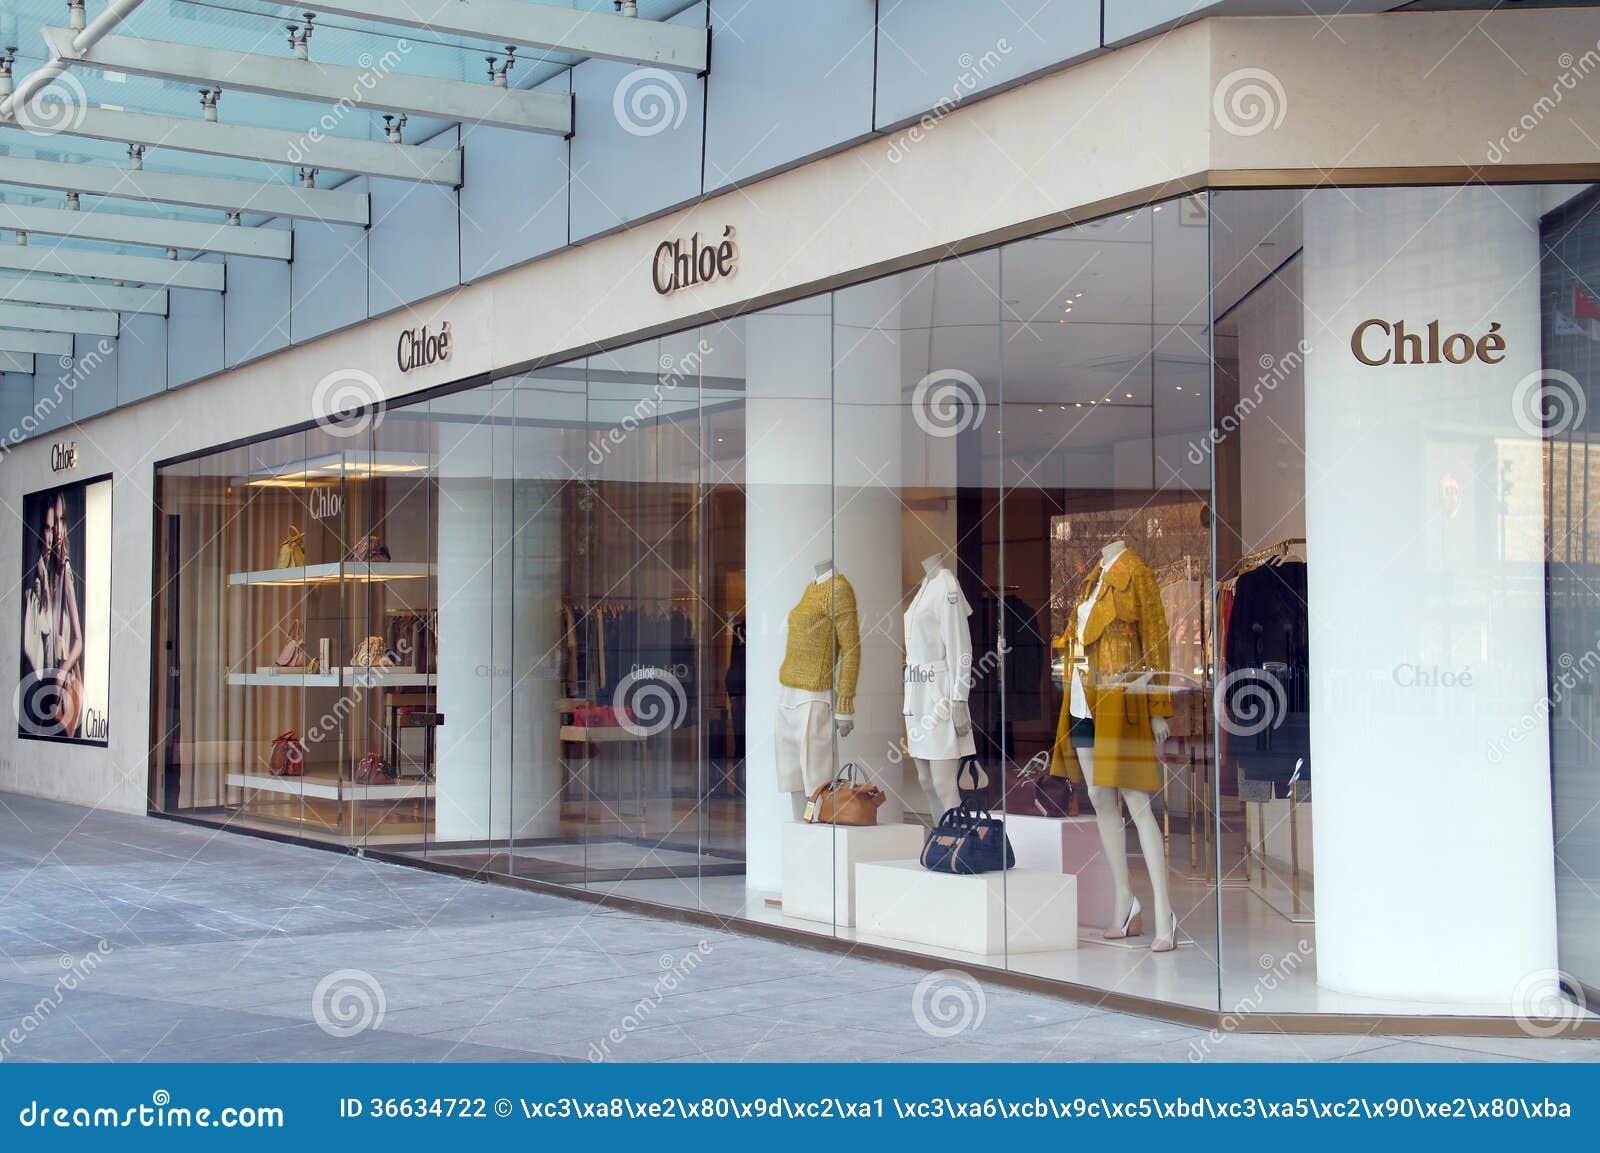 1cea753effda7 Tienda De La Moda De Chloe (Chloé) Fotografía editorial - Imagen de ...